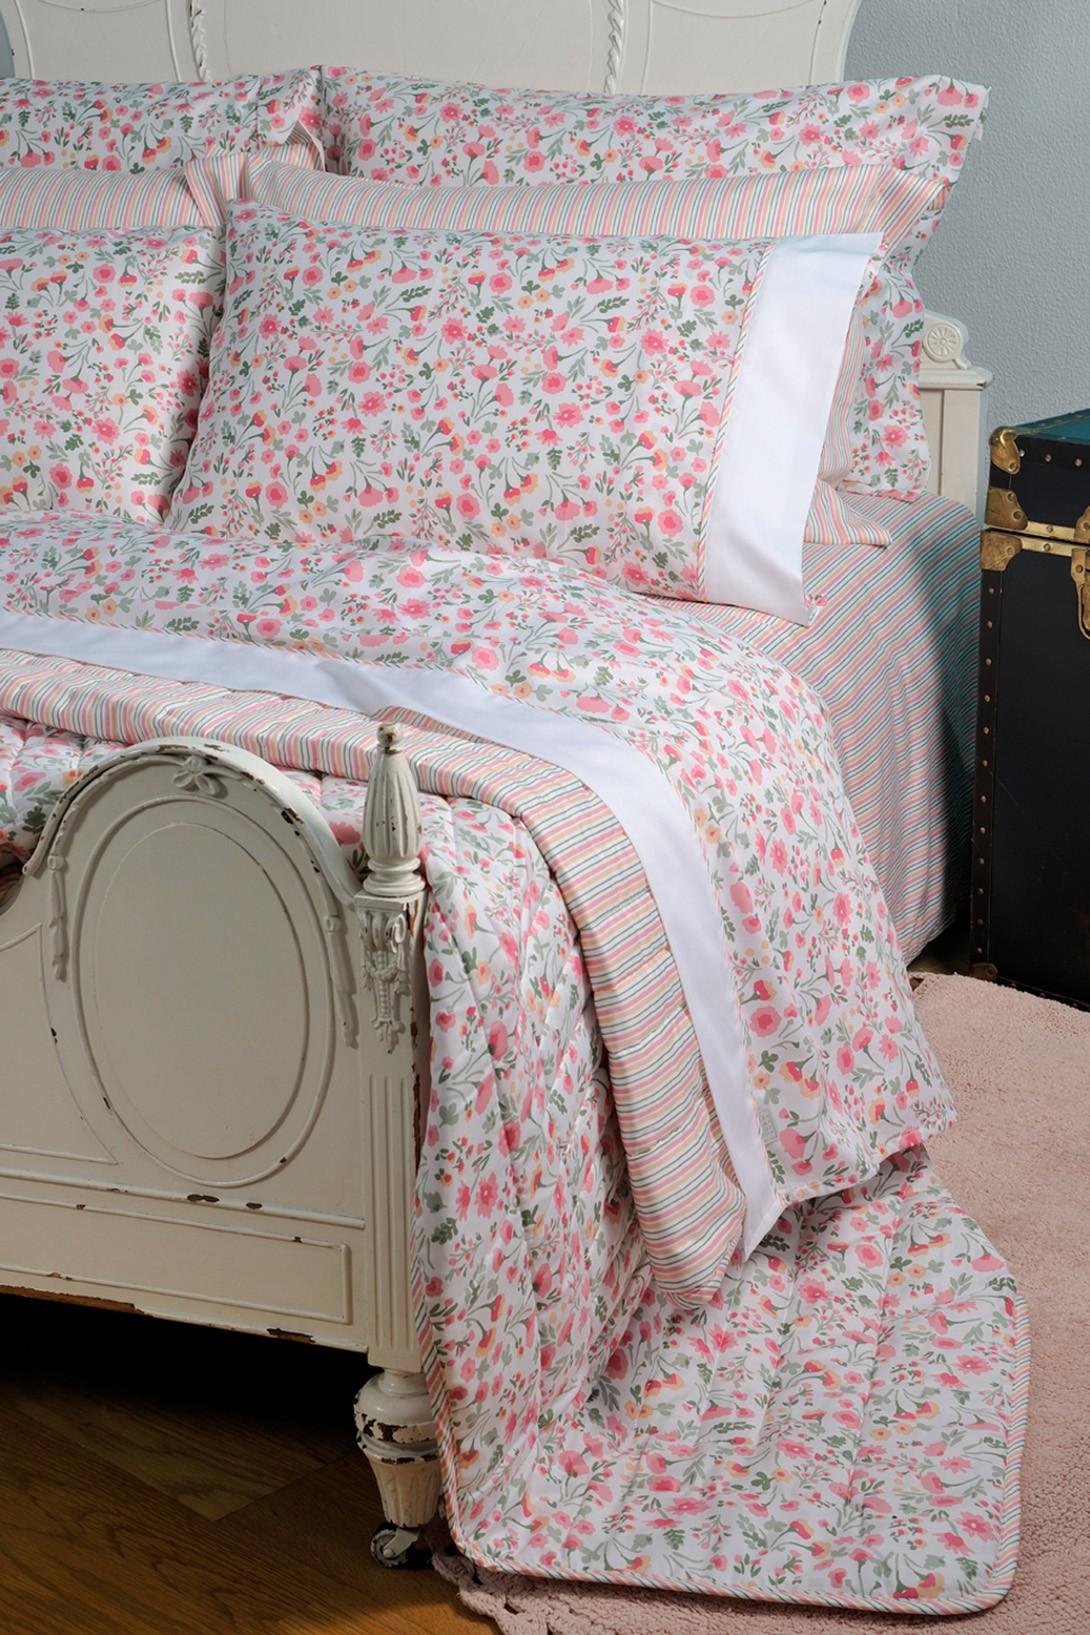 Παπλωματοθήκη Μονή (Σετ) Down Town Primo Charlotte S 603 home   κρεβατοκάμαρα   παπλωματοθήκες   παπλωματοθήκες μονές